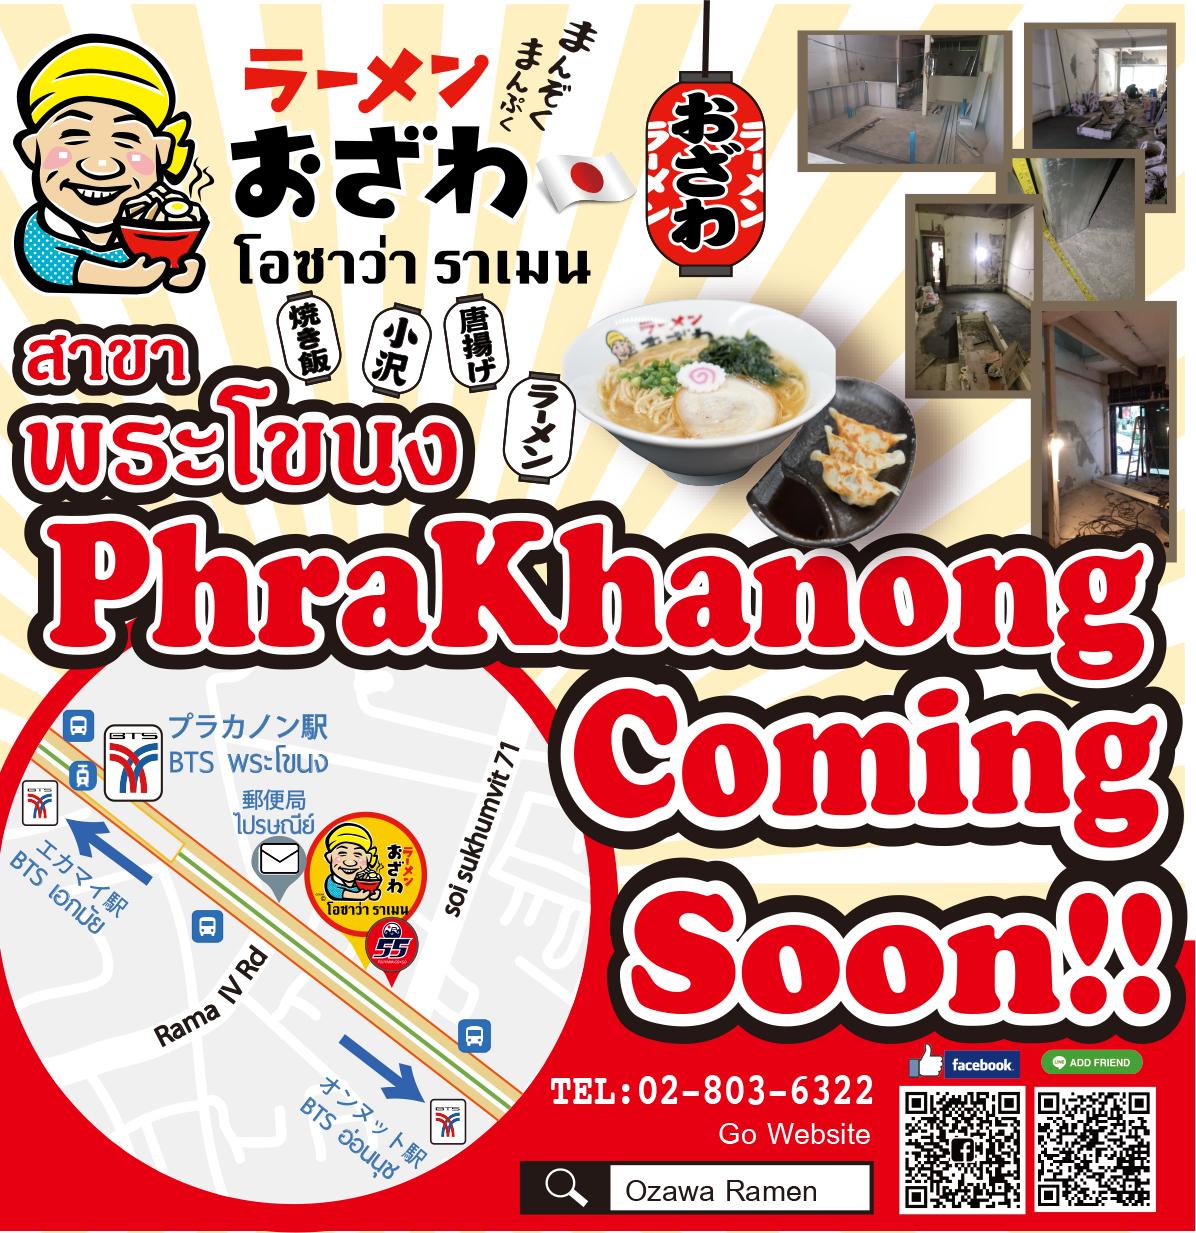 Phrakhanong branch